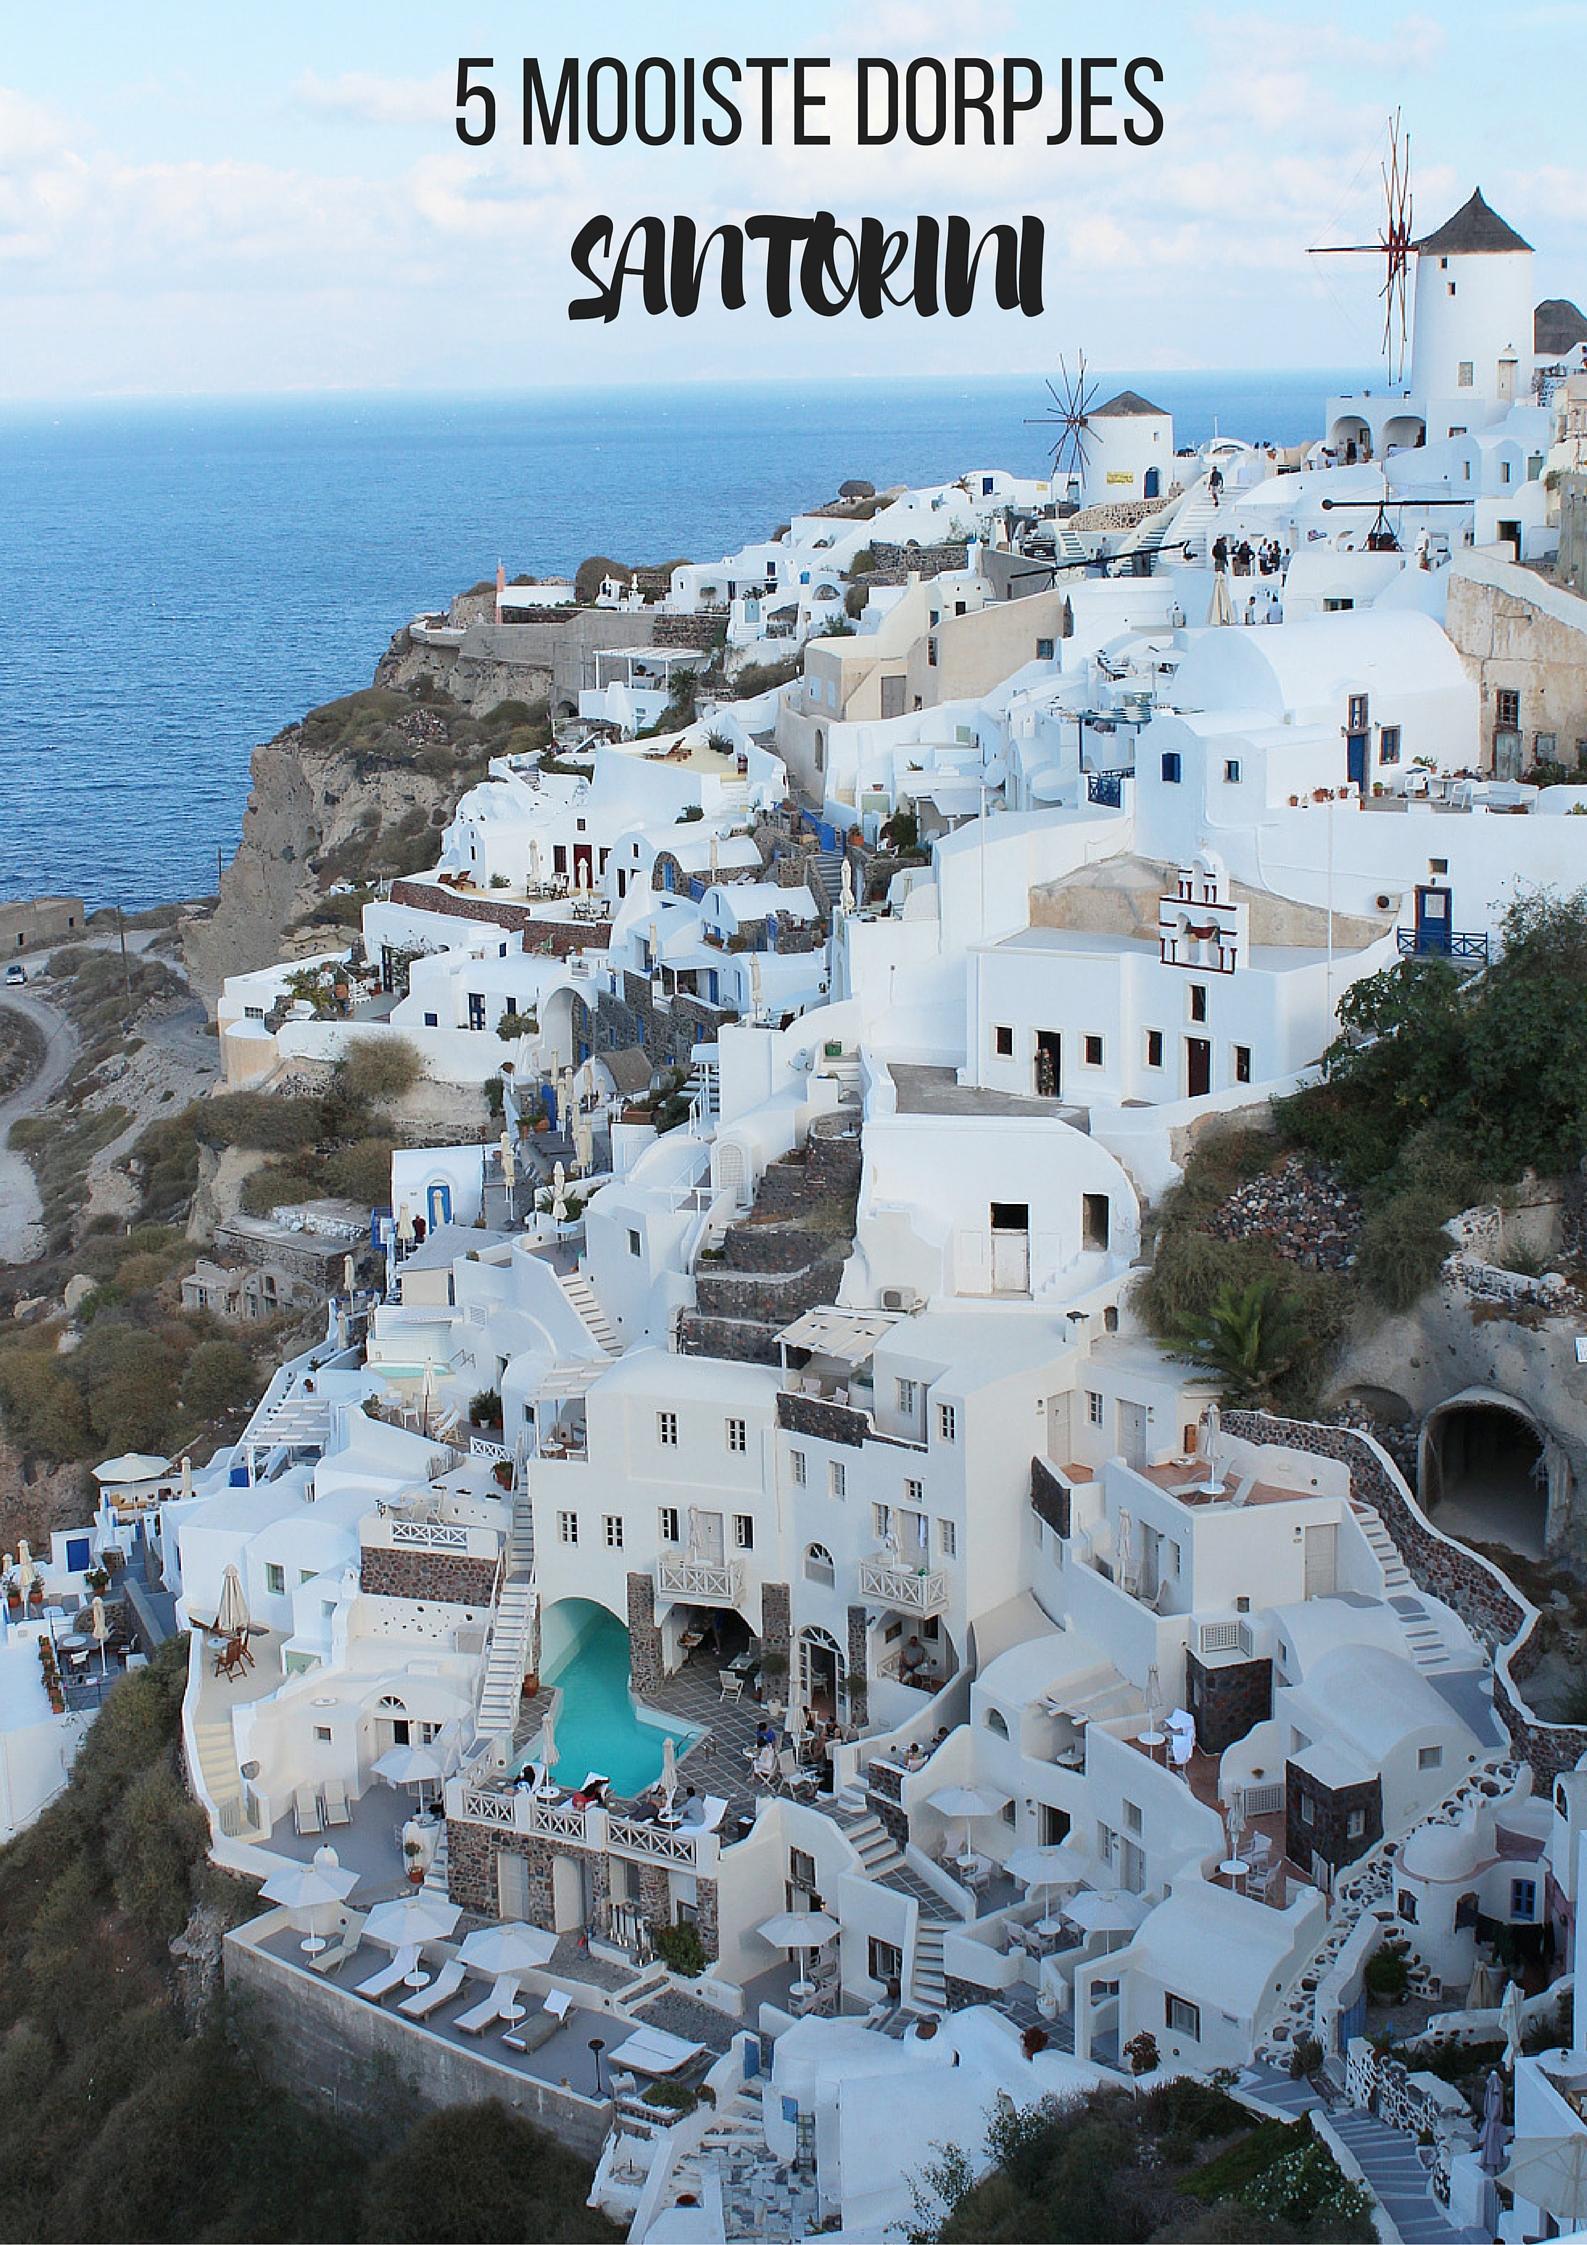 5 mooiste dorpjes op Santorini, Griekenland - Map of Joy